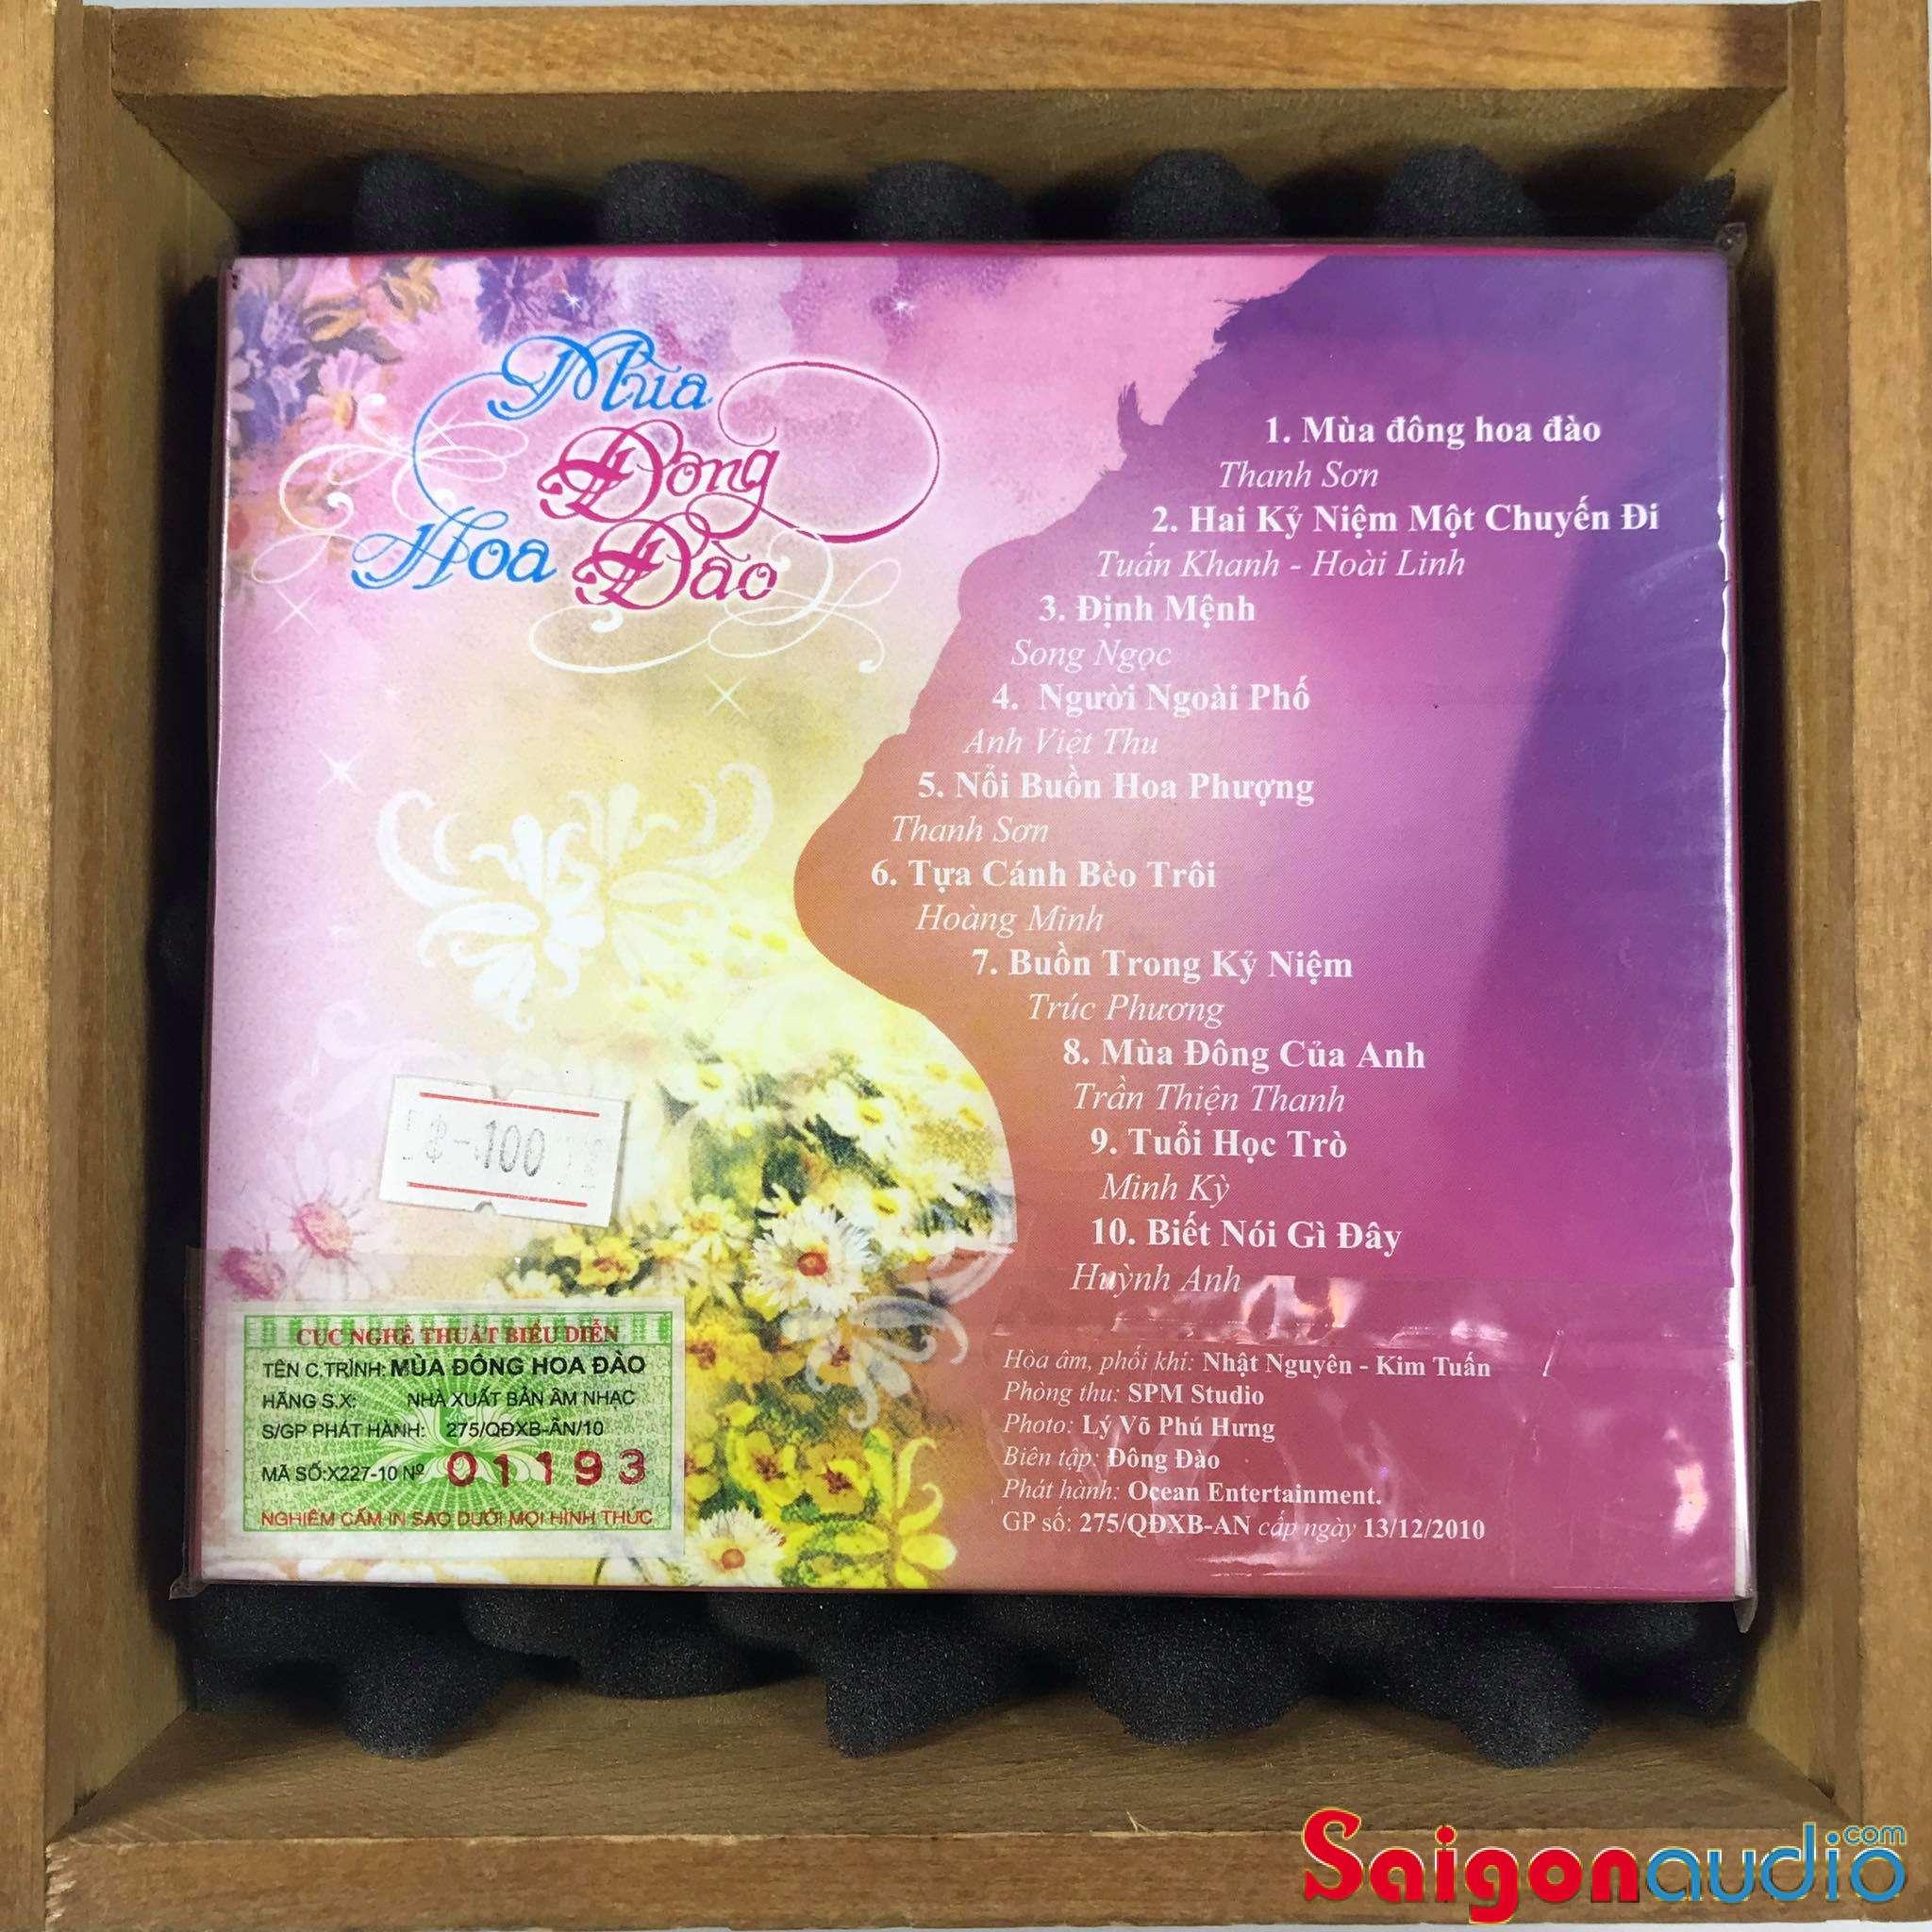 Đĩa CD nhạc gốc Mùa Đông Hoa Đào (Free ship khi mua 2 đĩa CD cùng hoặc khác loại)